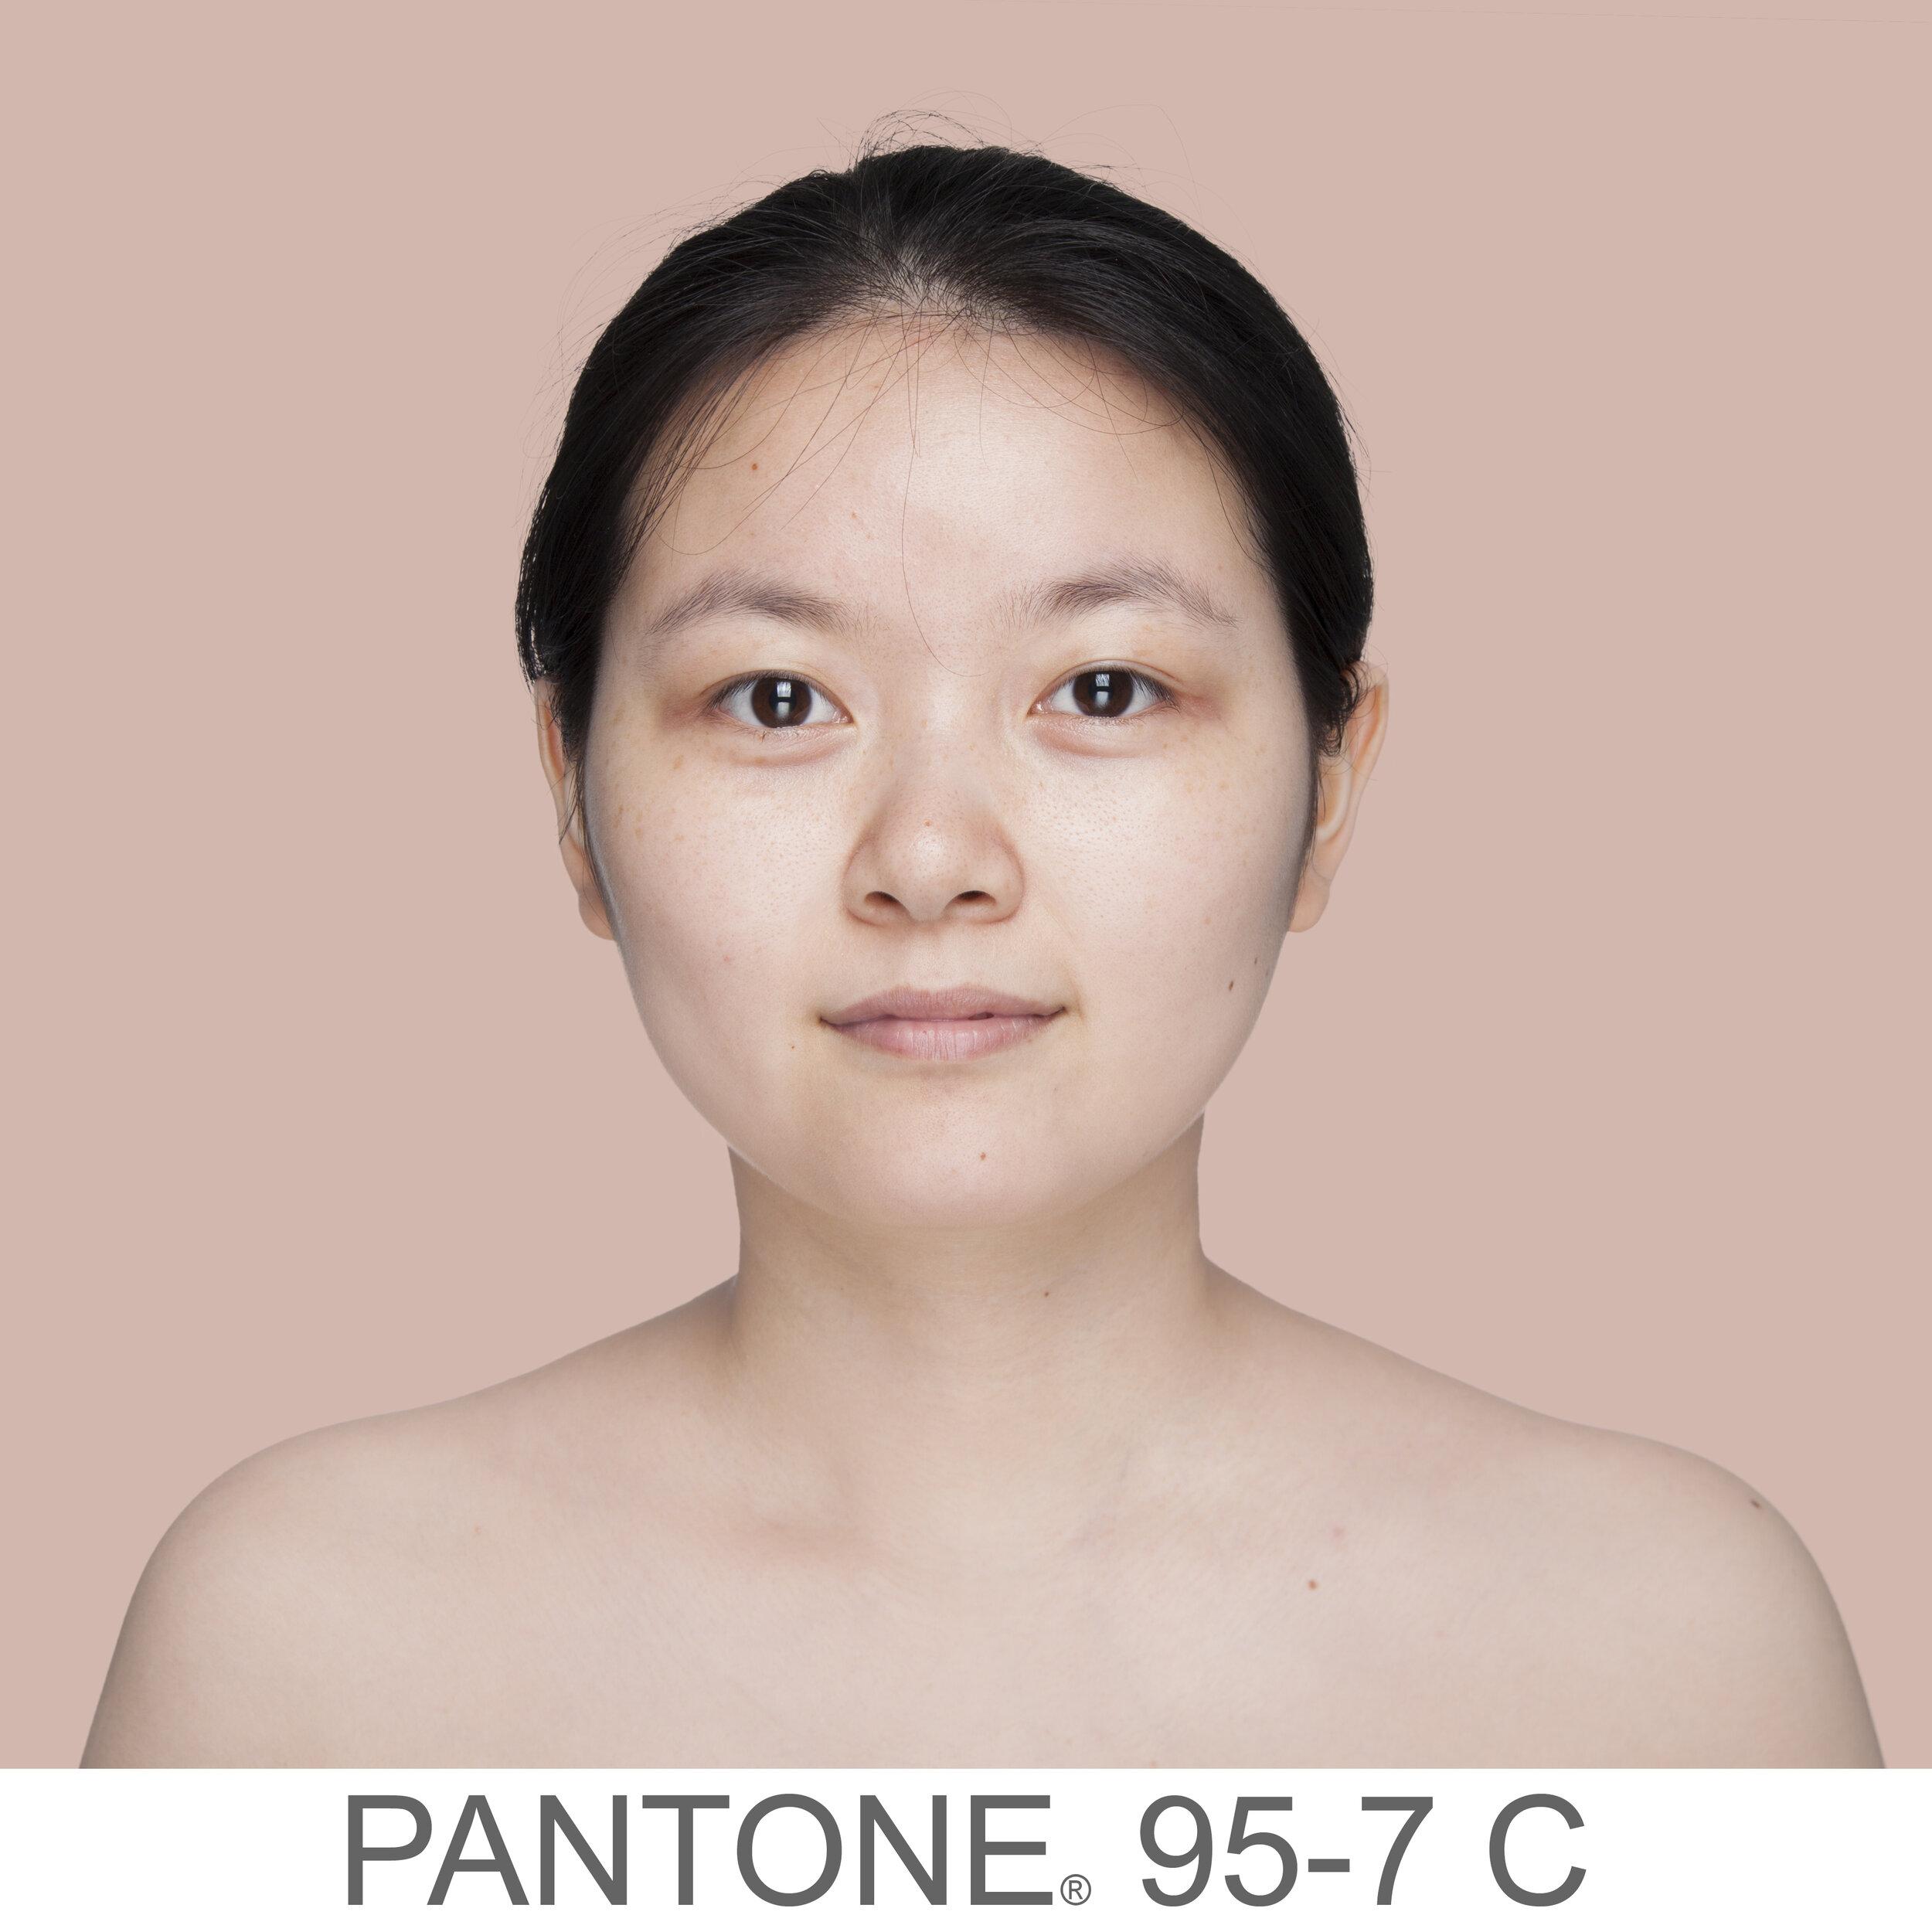 humanae 95-7 C CN copia.jpg